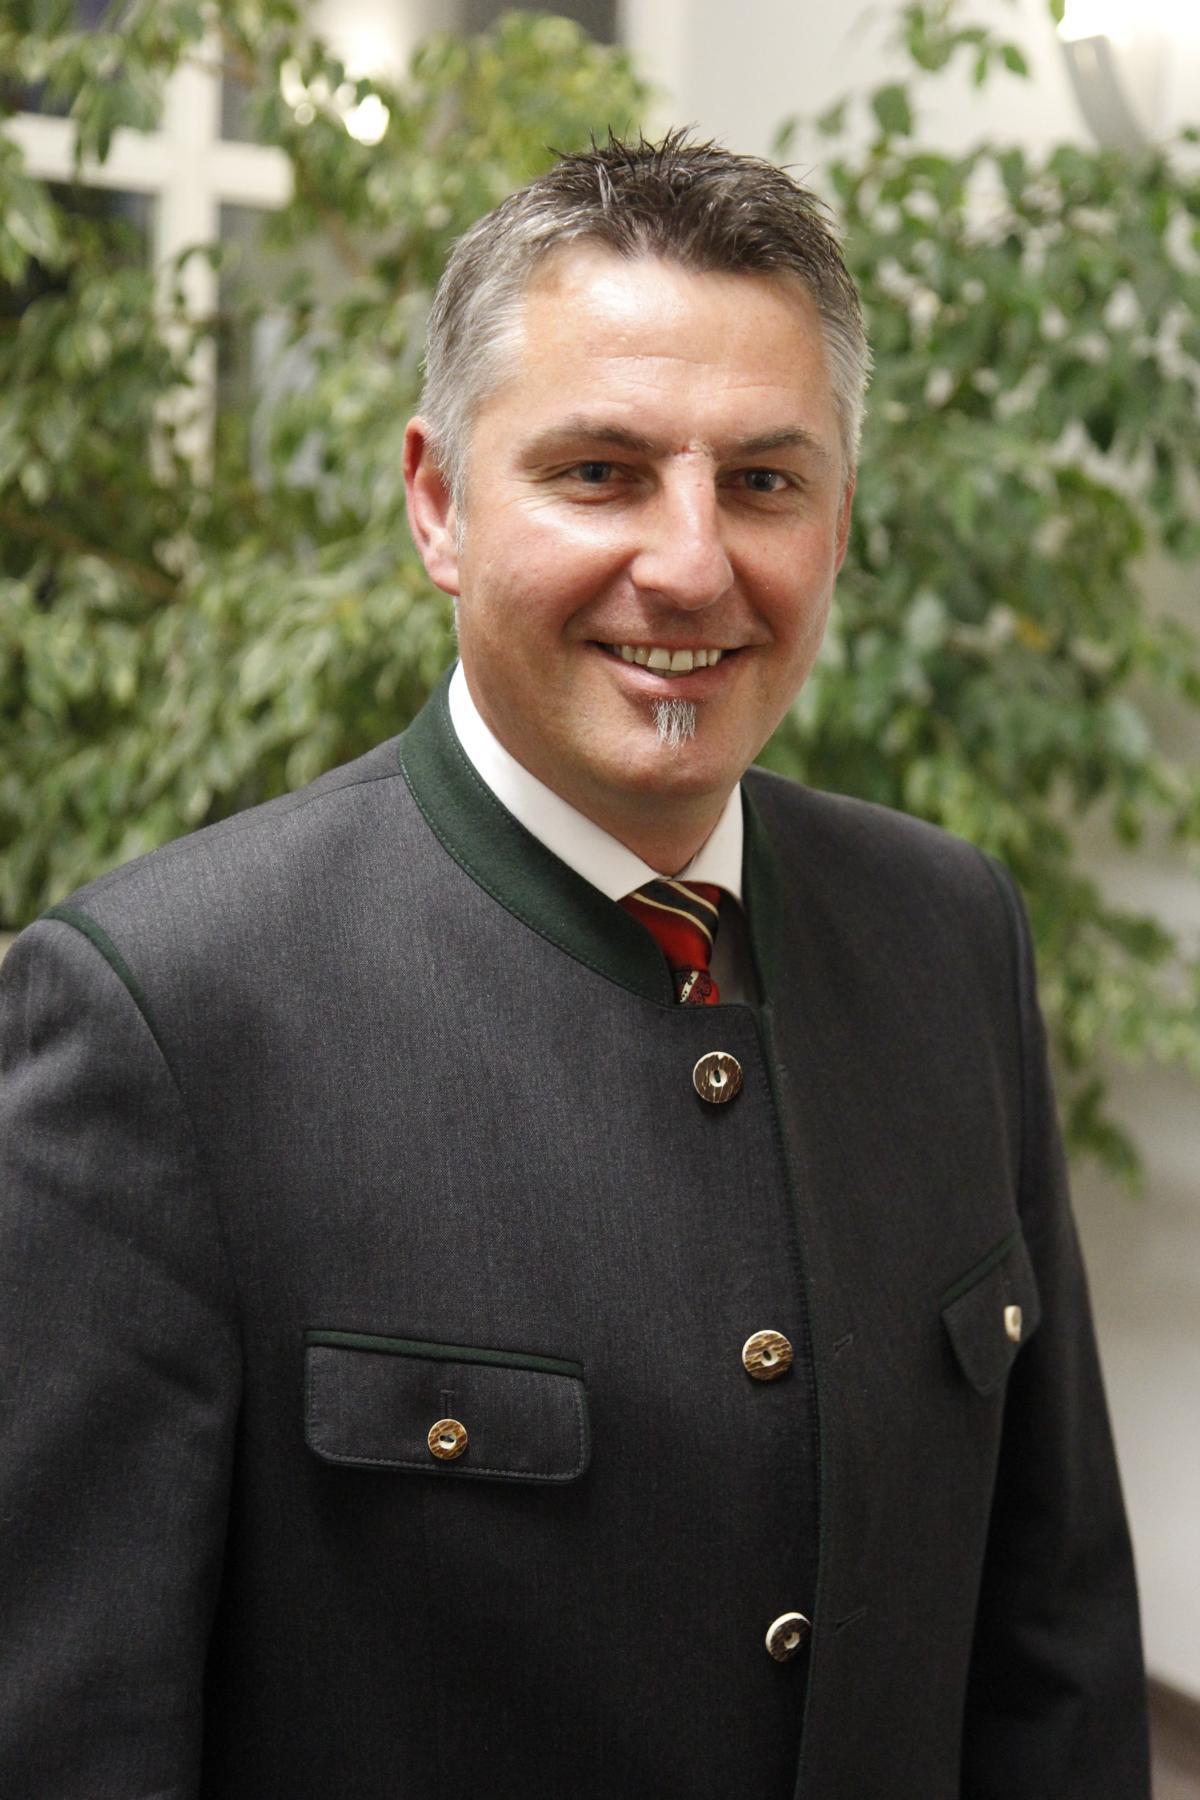 GK Erwin Brodtrager